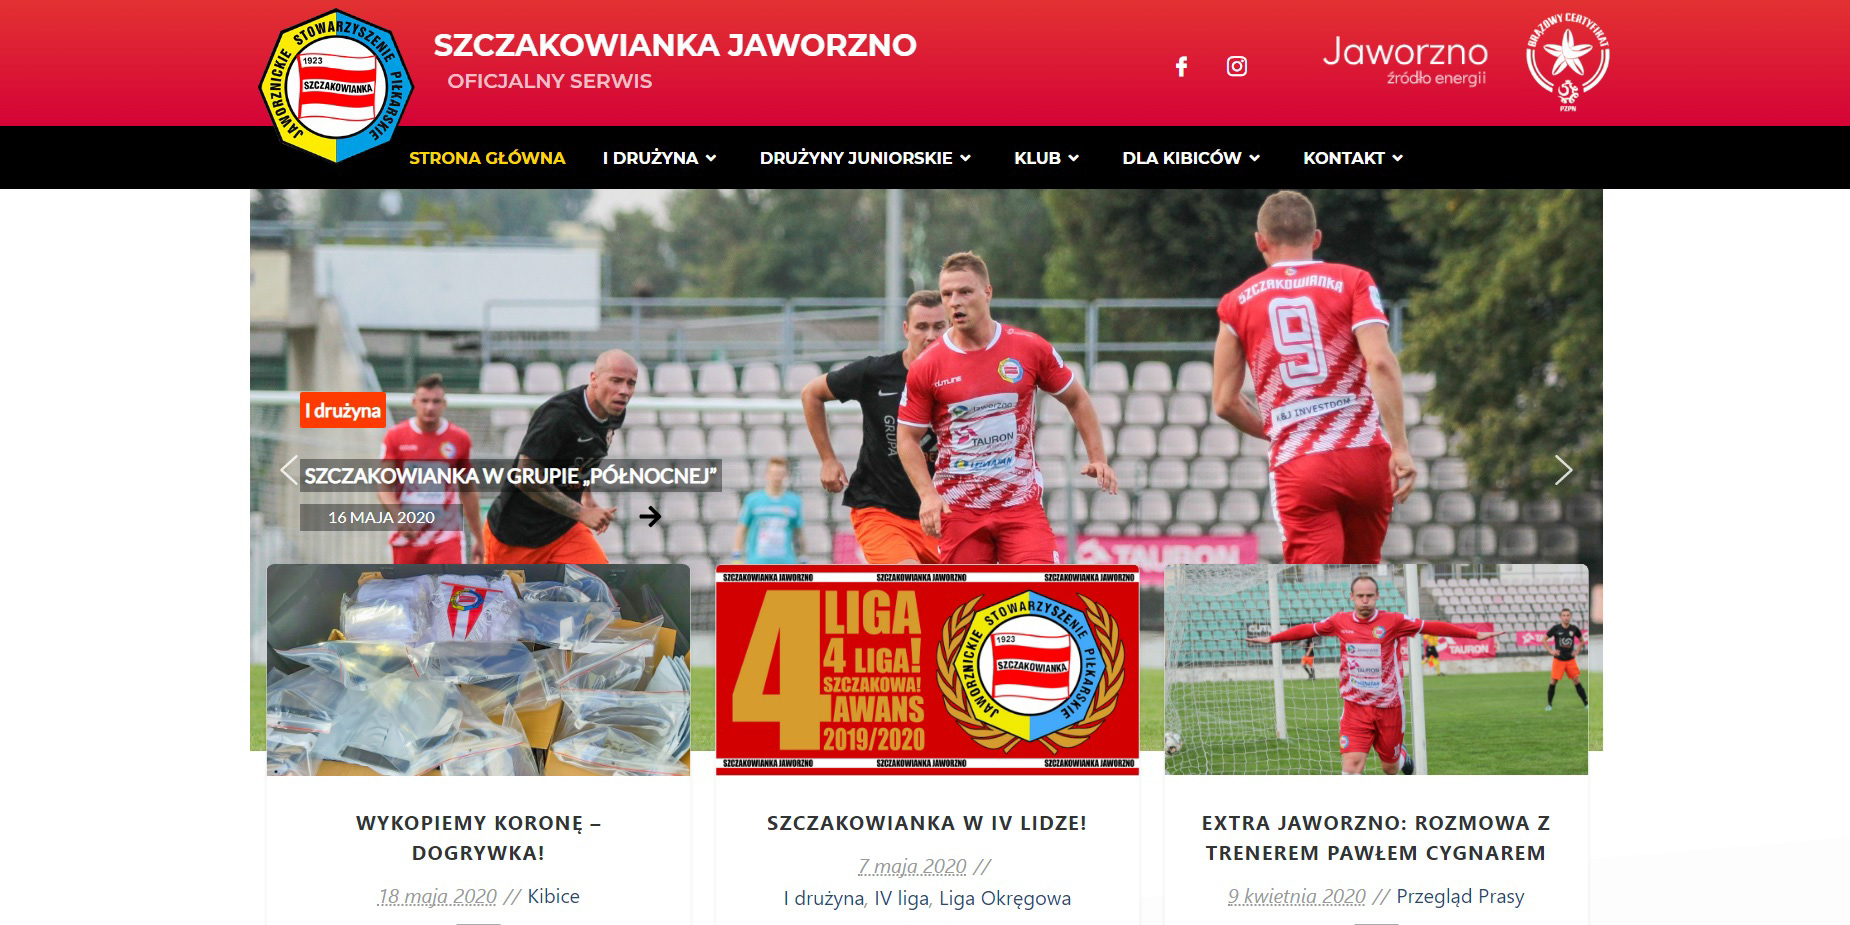 Szczakowianka.pl w nowej odsłonie!